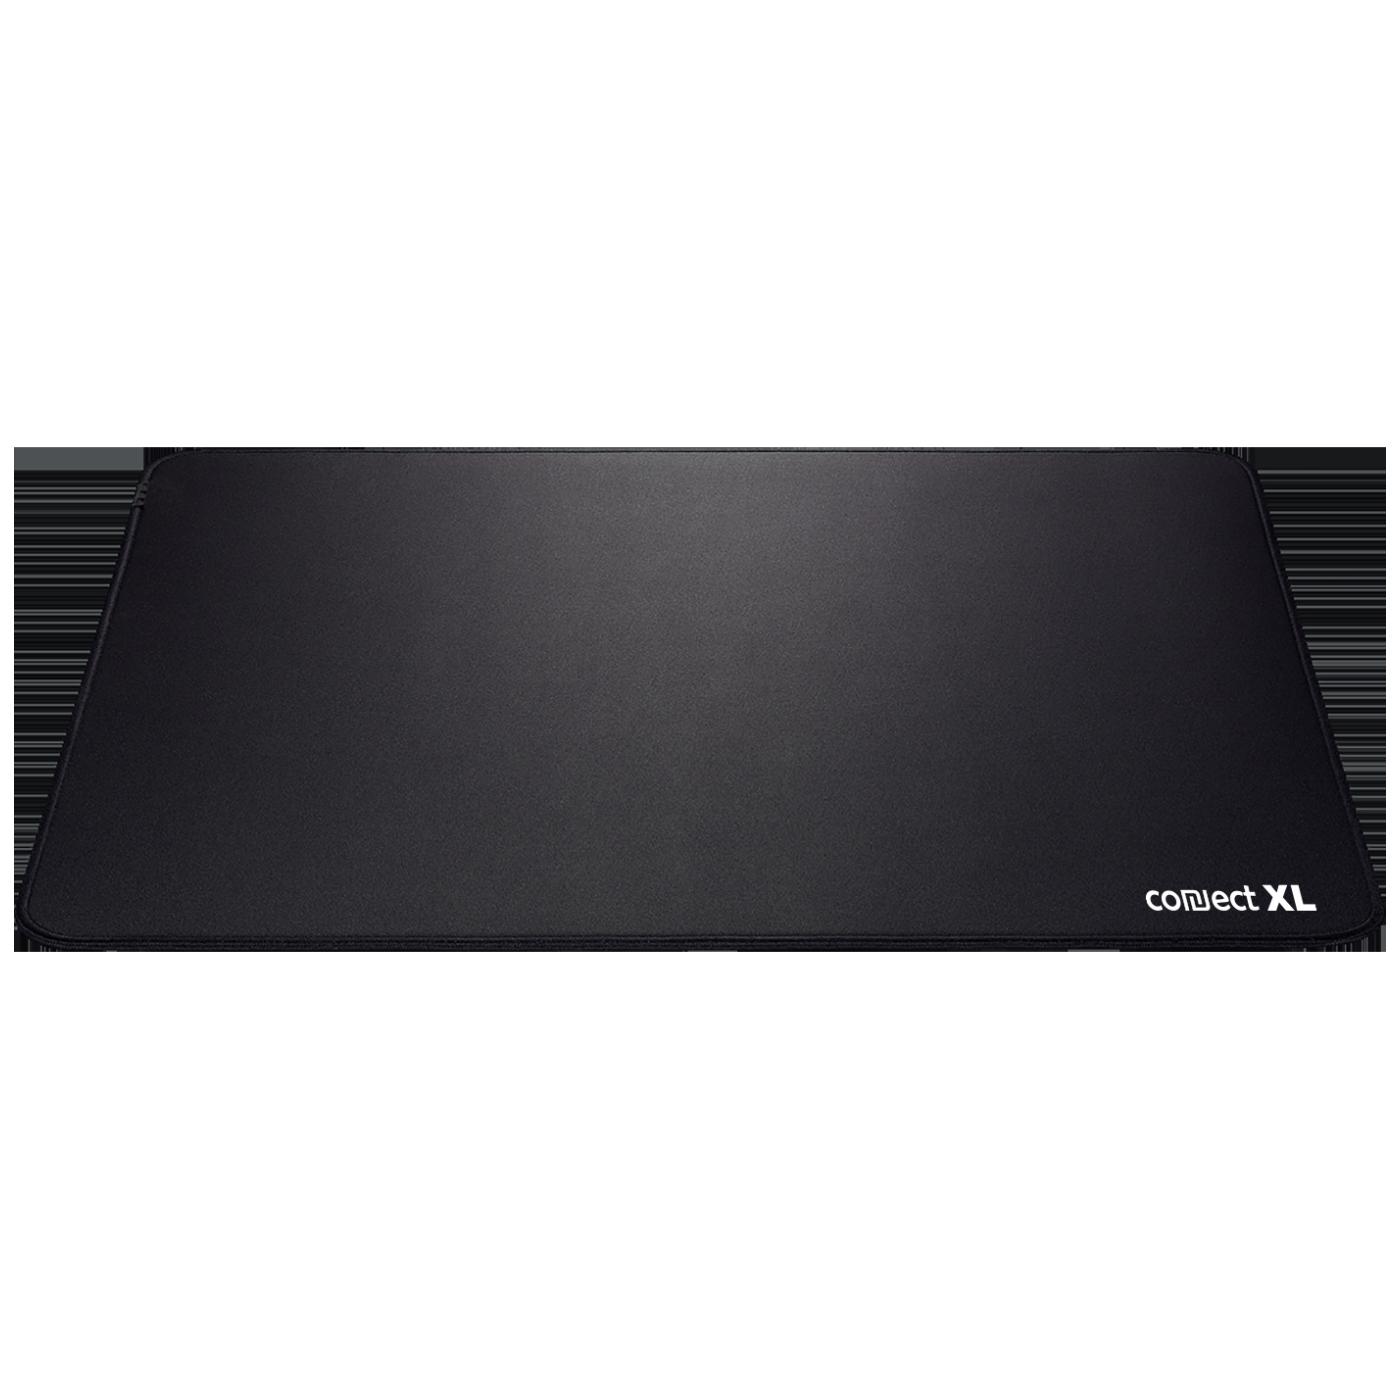 Connect XL - CXL-MP2